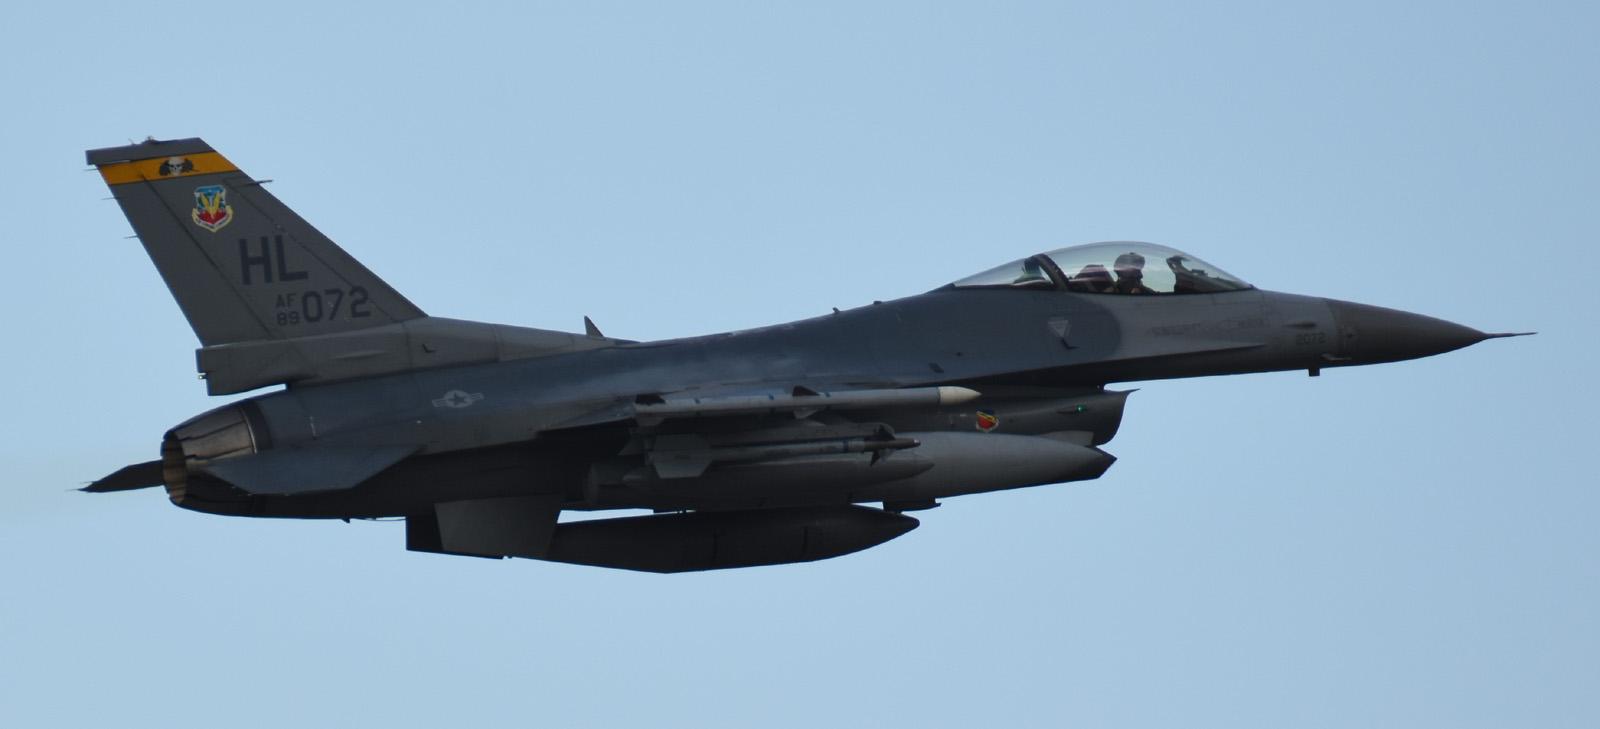 F16cm170604g315